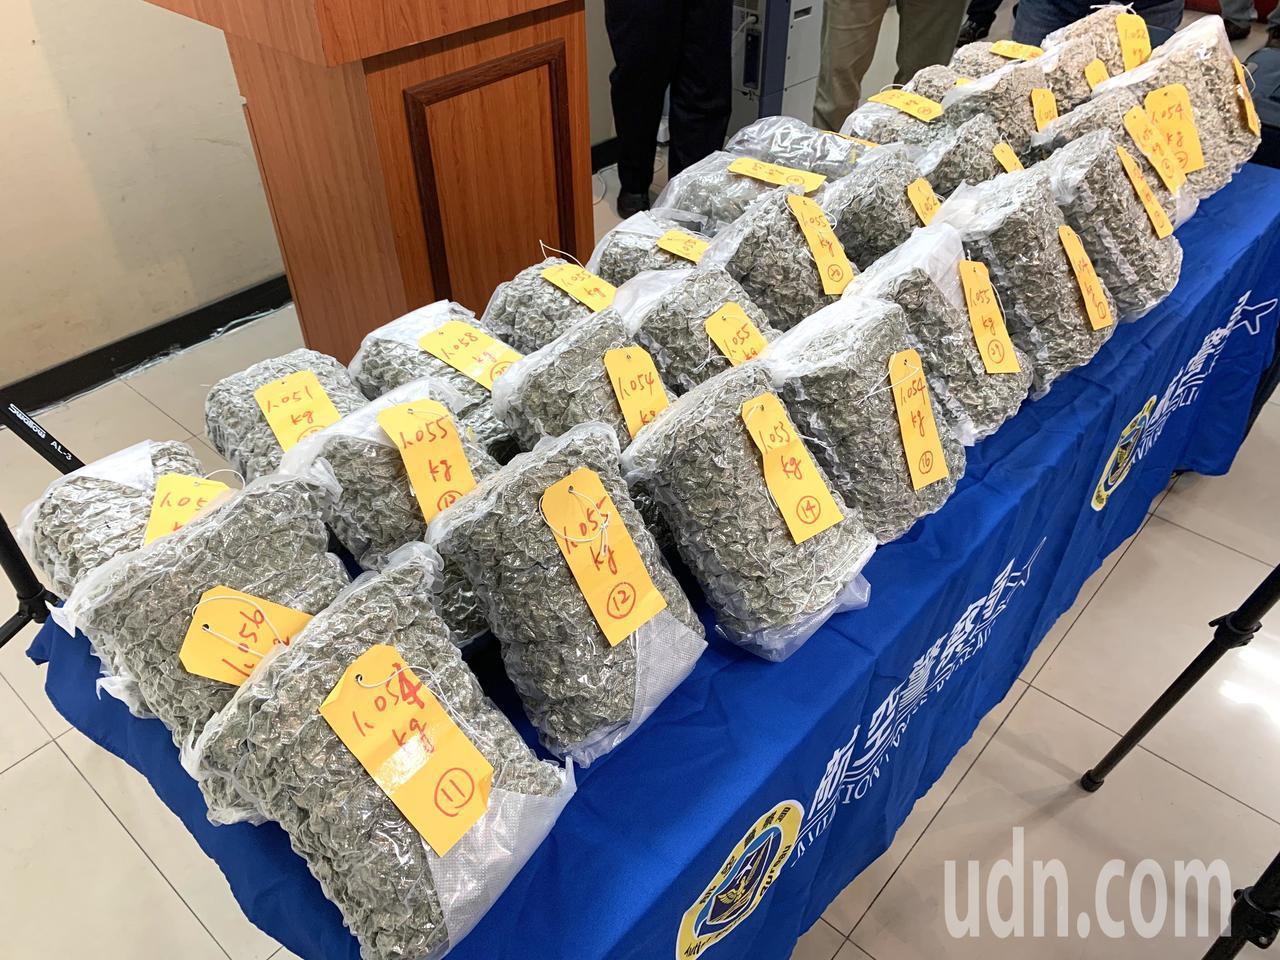 加拿大籍男子涉嫌夾帶價值億元的大麻花,從多倫多搭乘直飛桃園機場的班機企圖闖關,當...